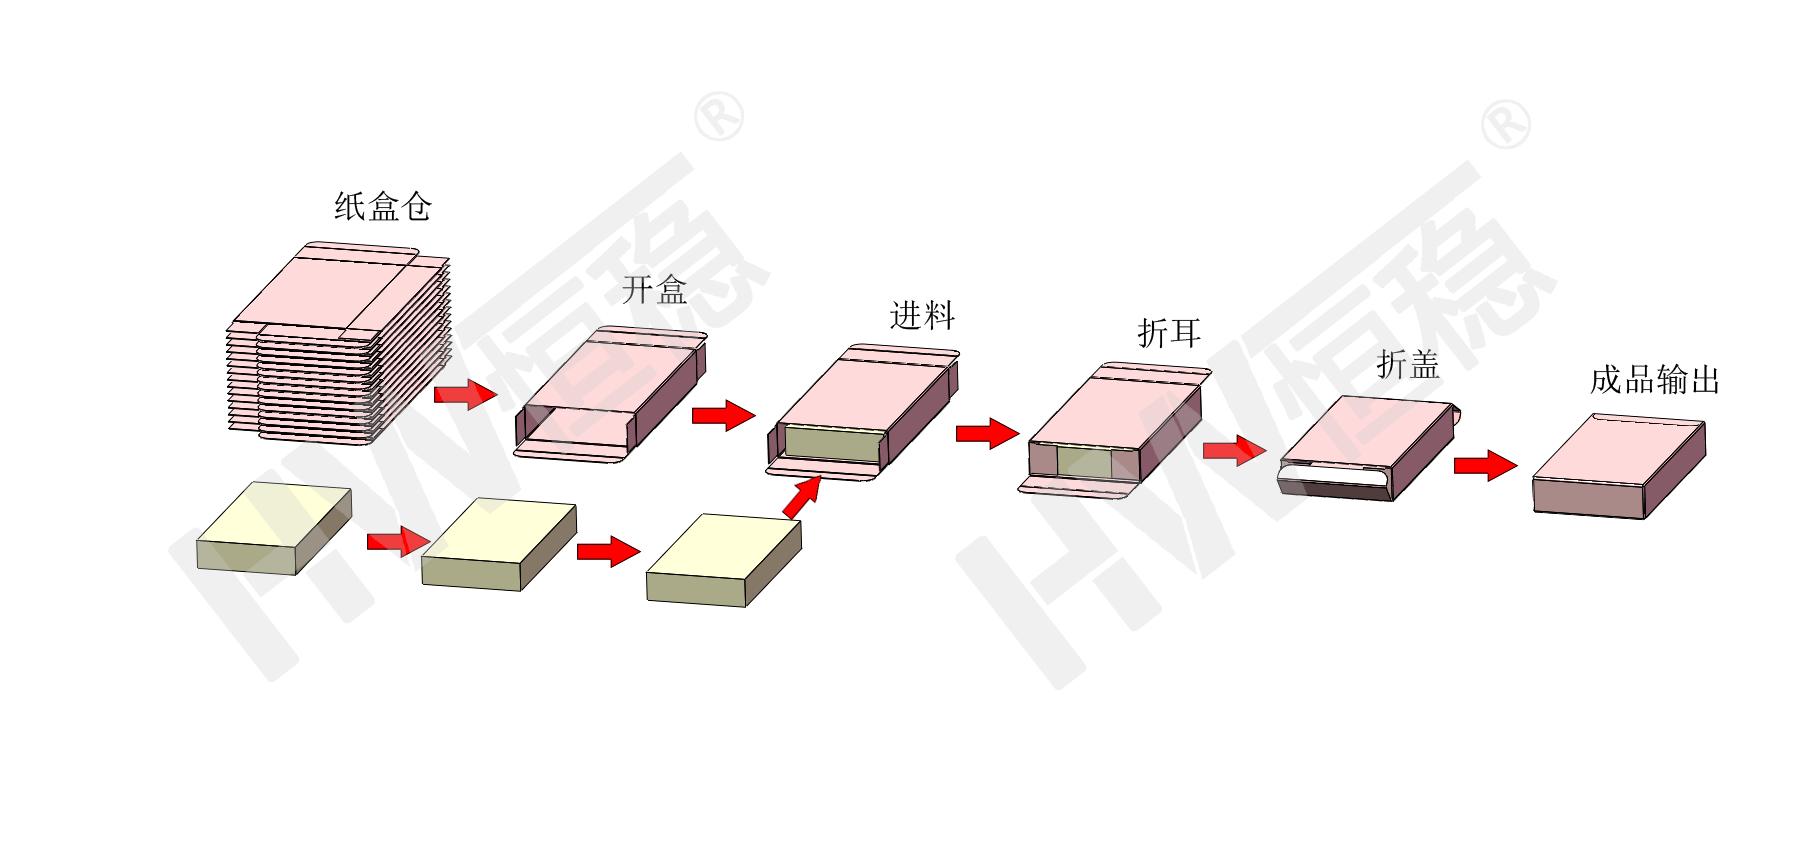 二合一面膜数数装盒机